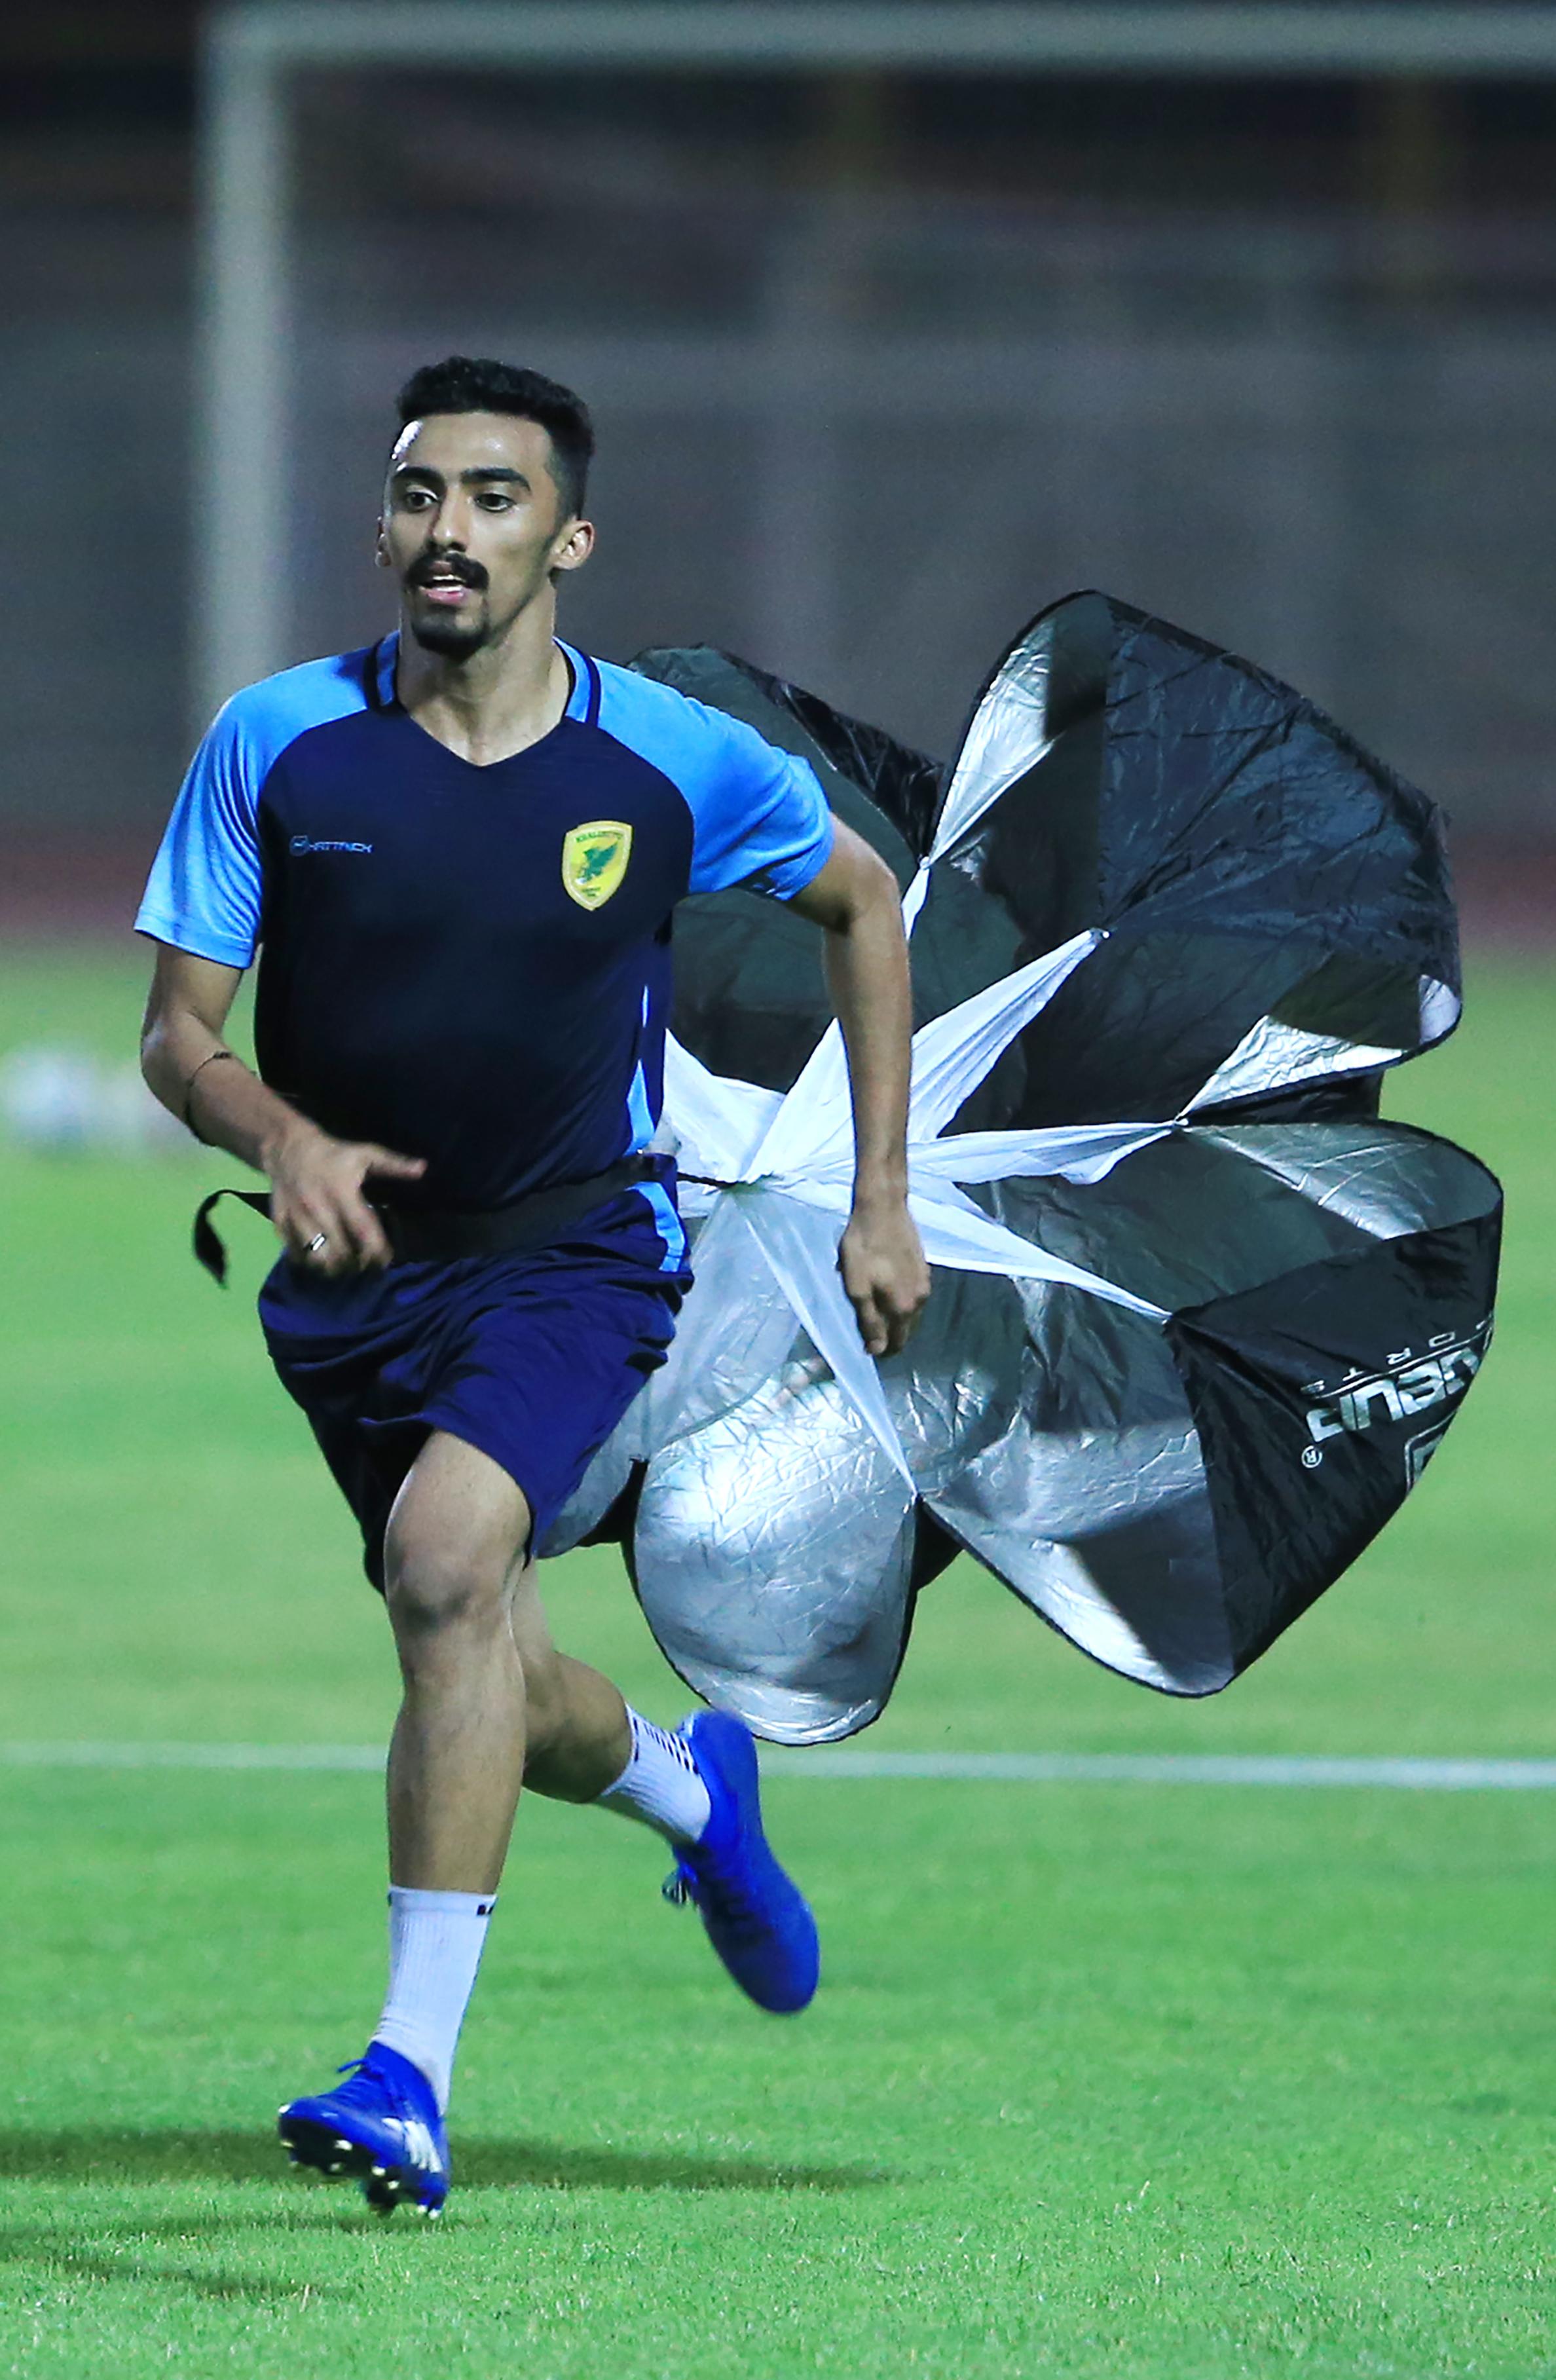 الخليج يكثف استعداداته لمواجهة مضيّفه النجوم ضمن الجولة الرابعة لدوري الأمير محمد بن سلمان